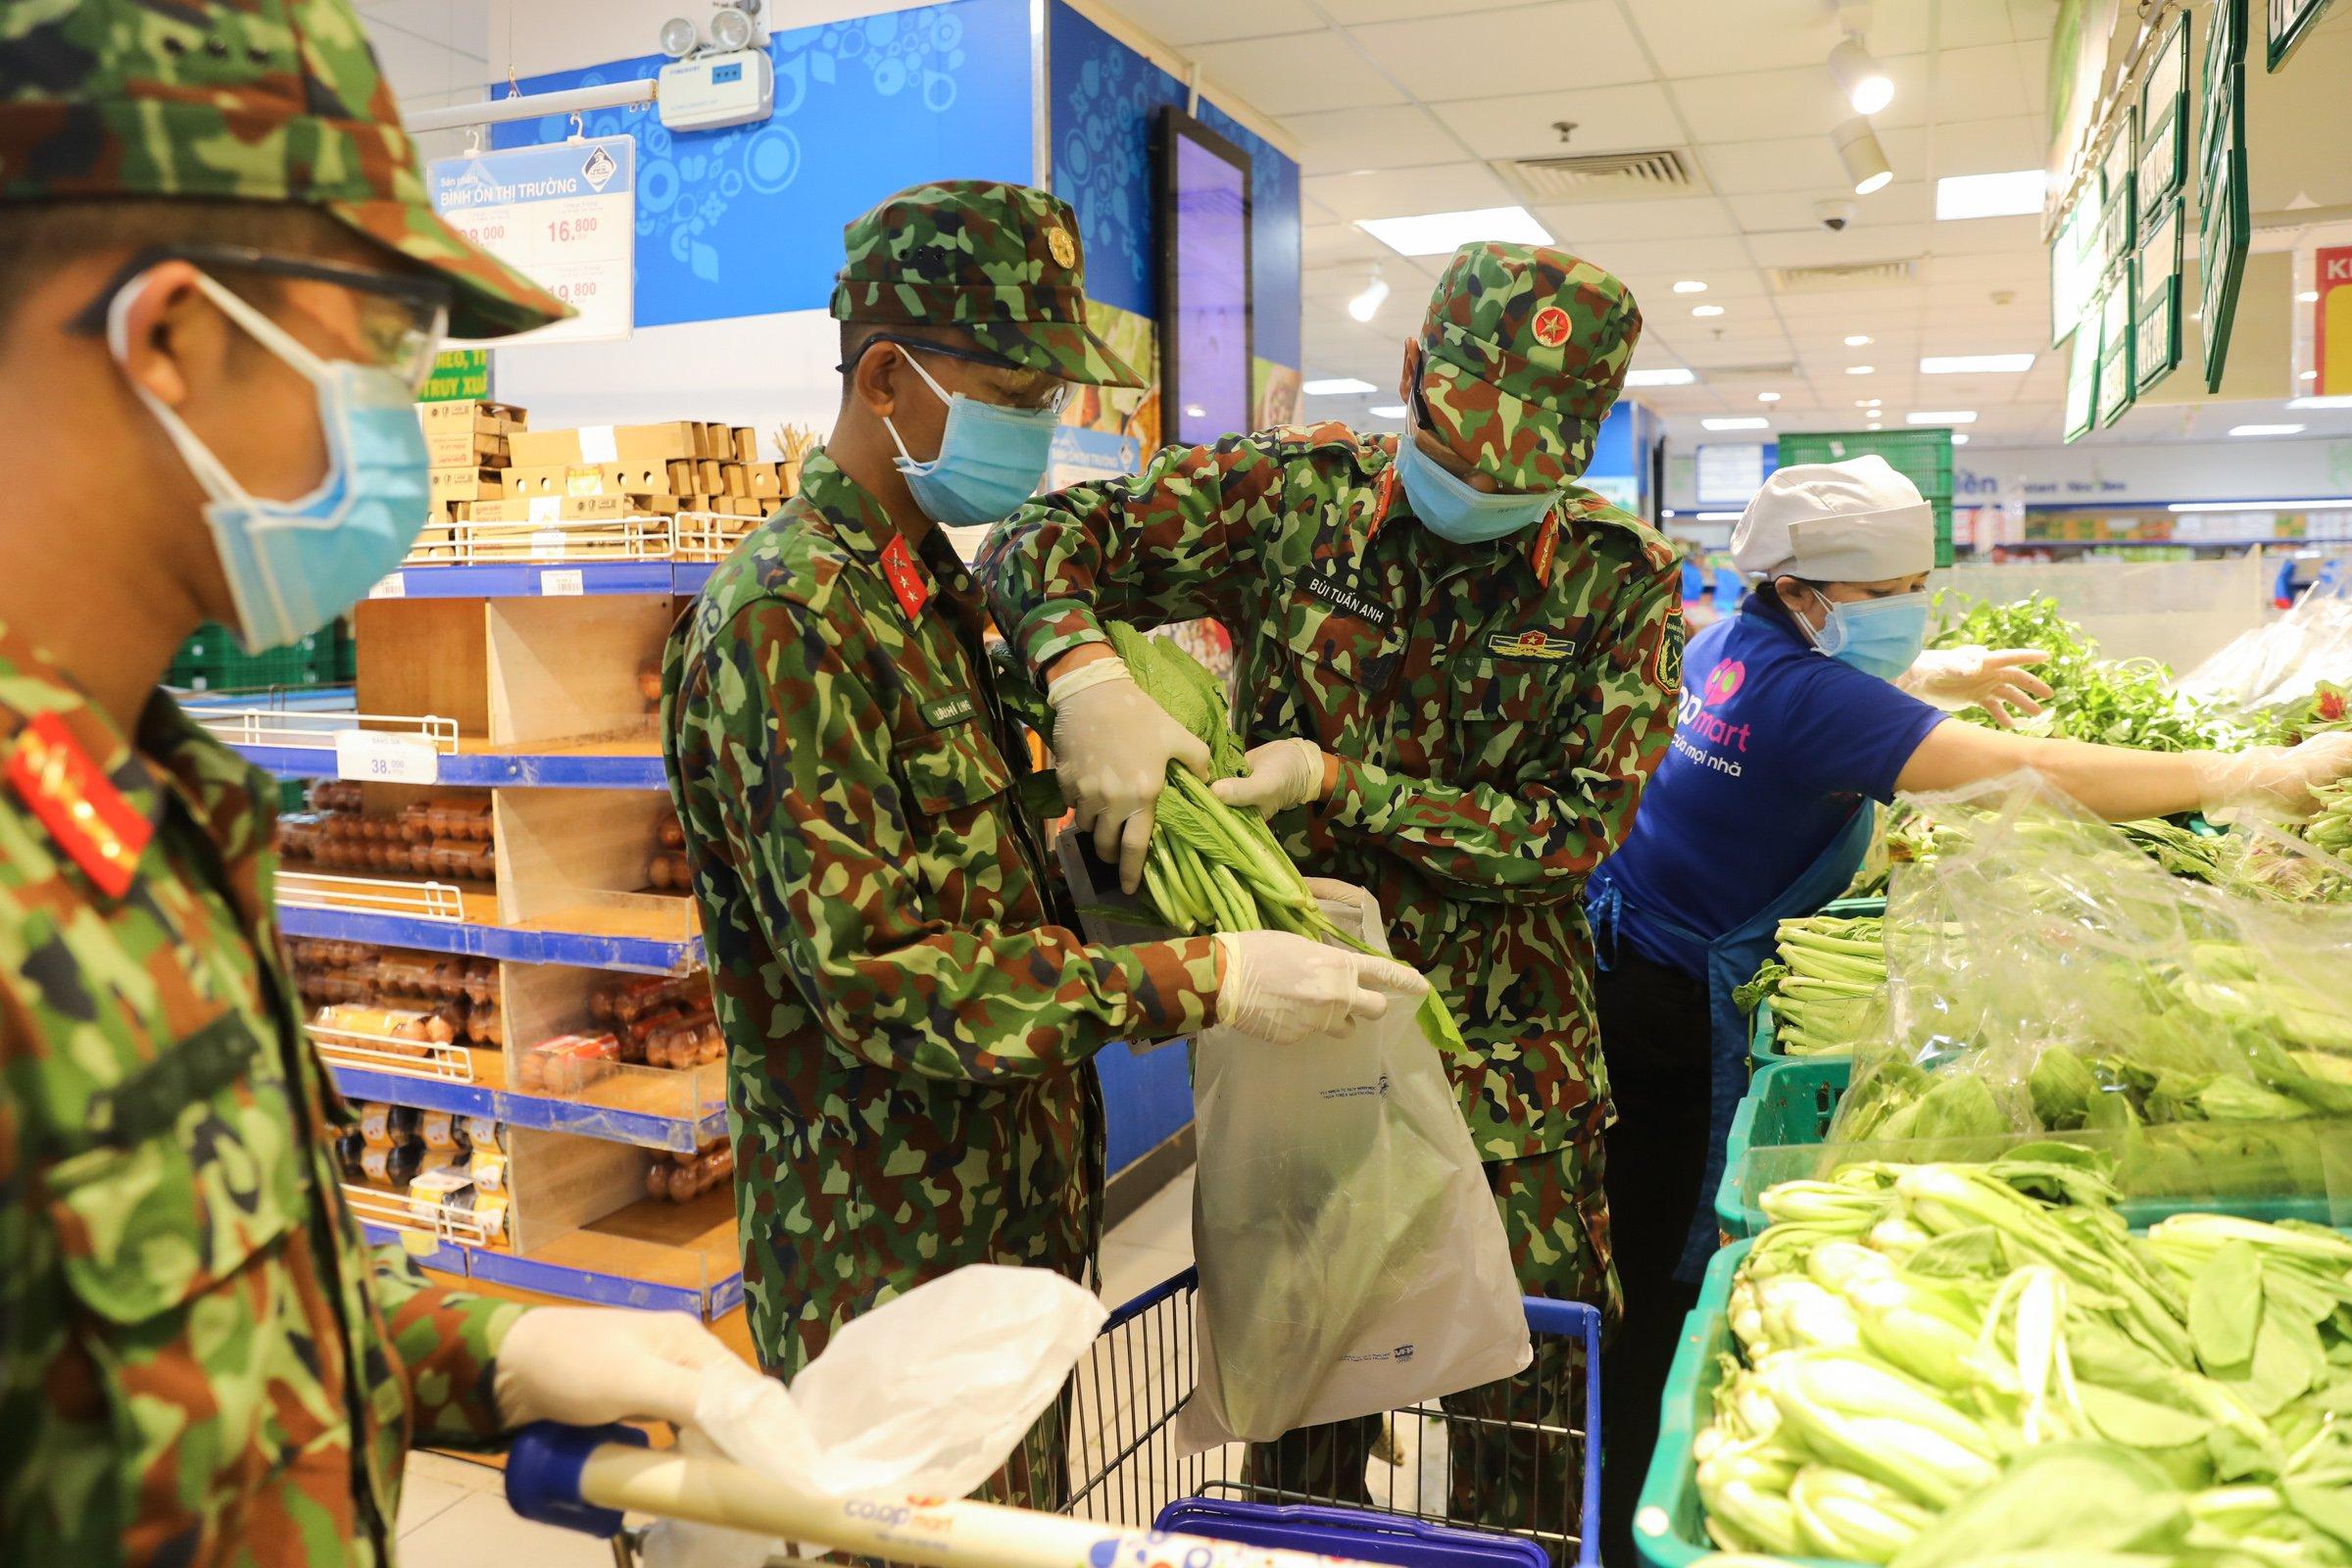 Bộ đội đi chợ giúp dân phường 11 (quận Bình Thạnh). Ảnh: Quỳnh Trần.